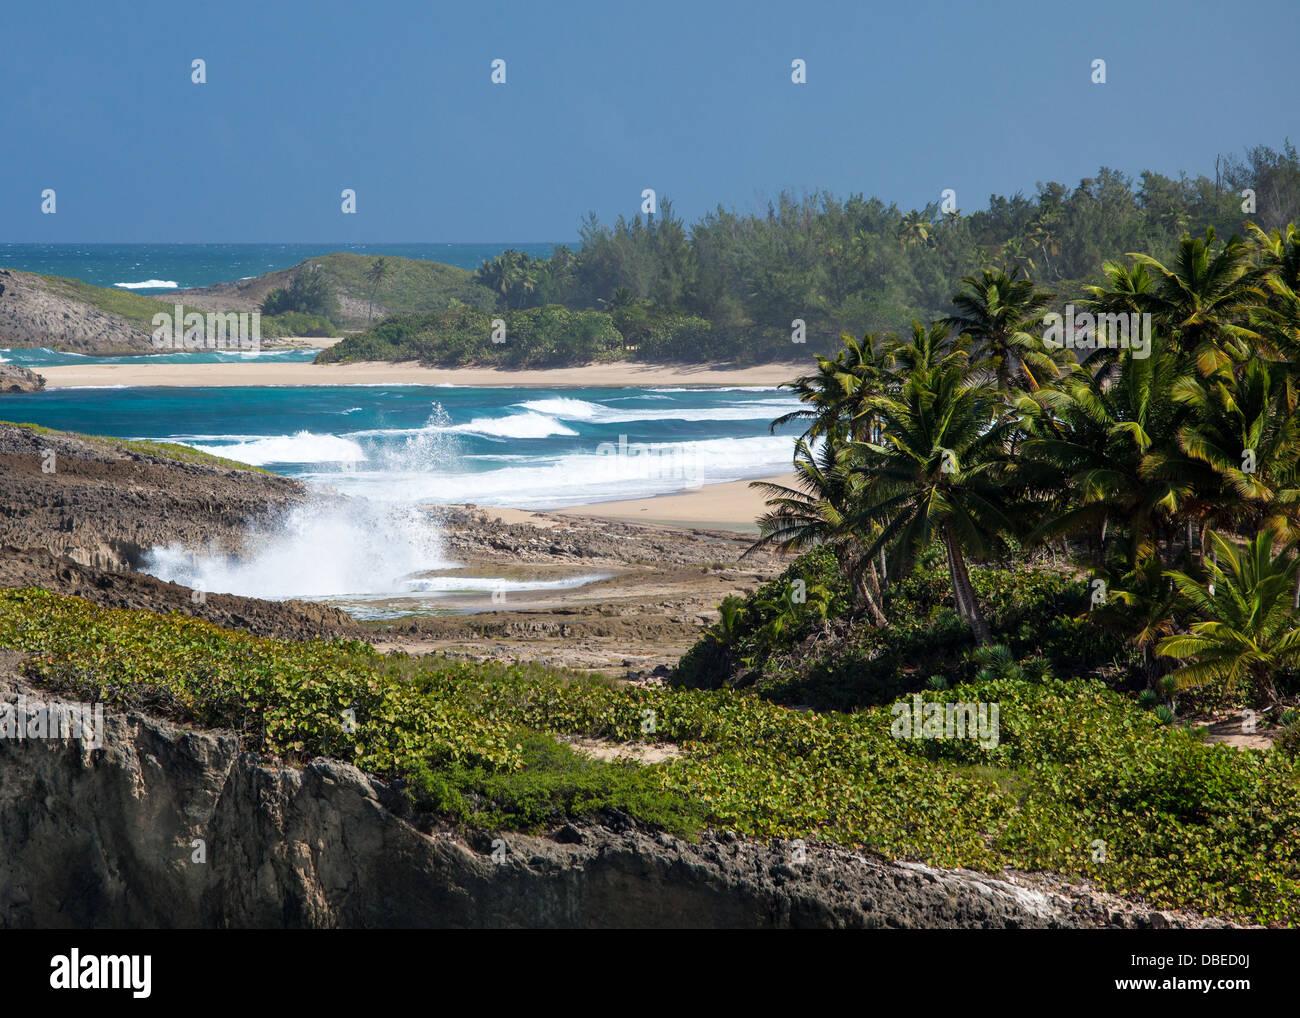 Strände von Punta Palmas Altas an der nördlichen Küste von Puerto Rico. Stockbild